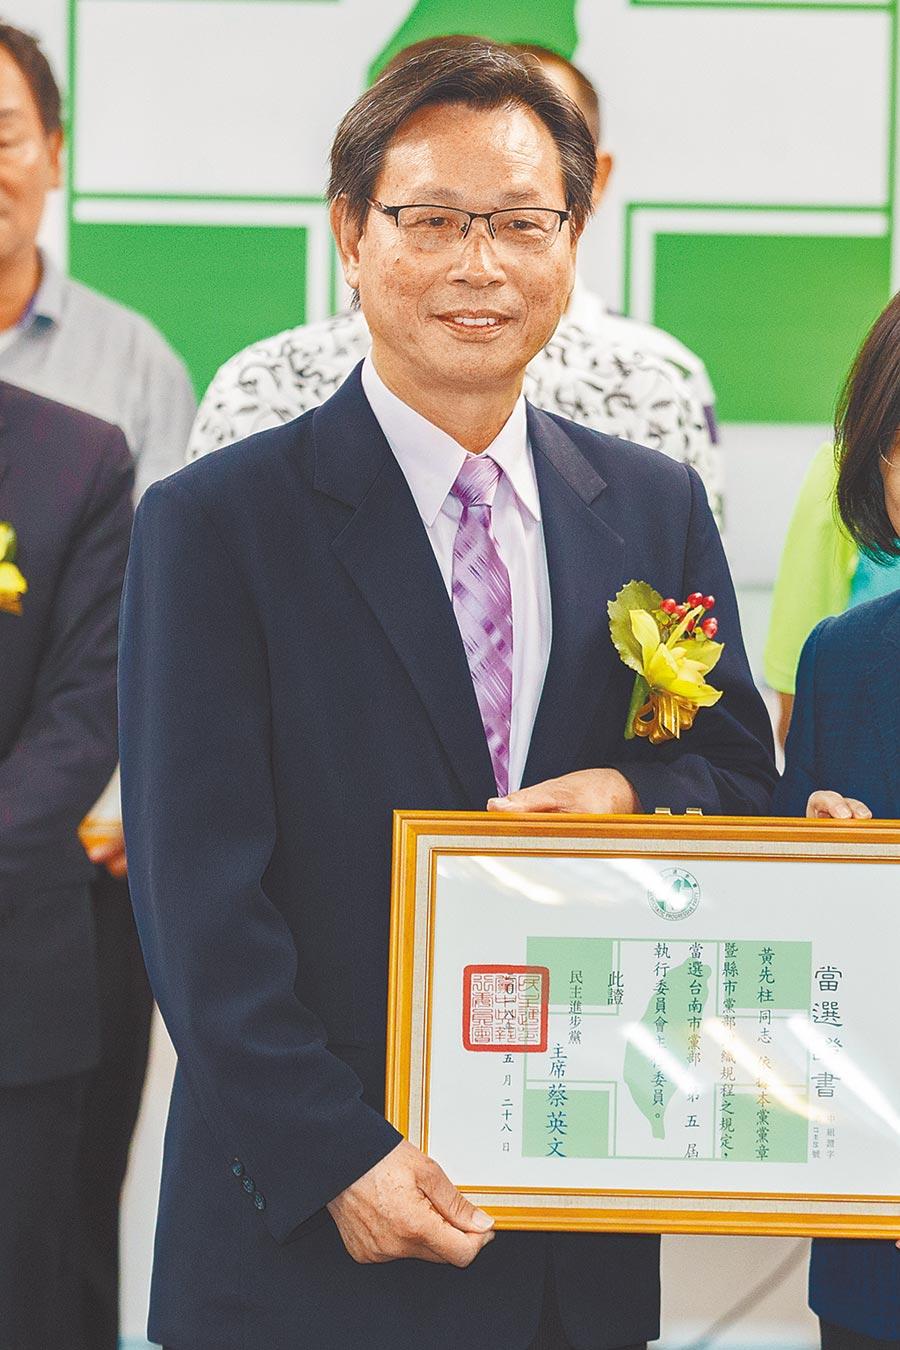 民進黨台南市黨部主委黃先柱。(本報資料照片)